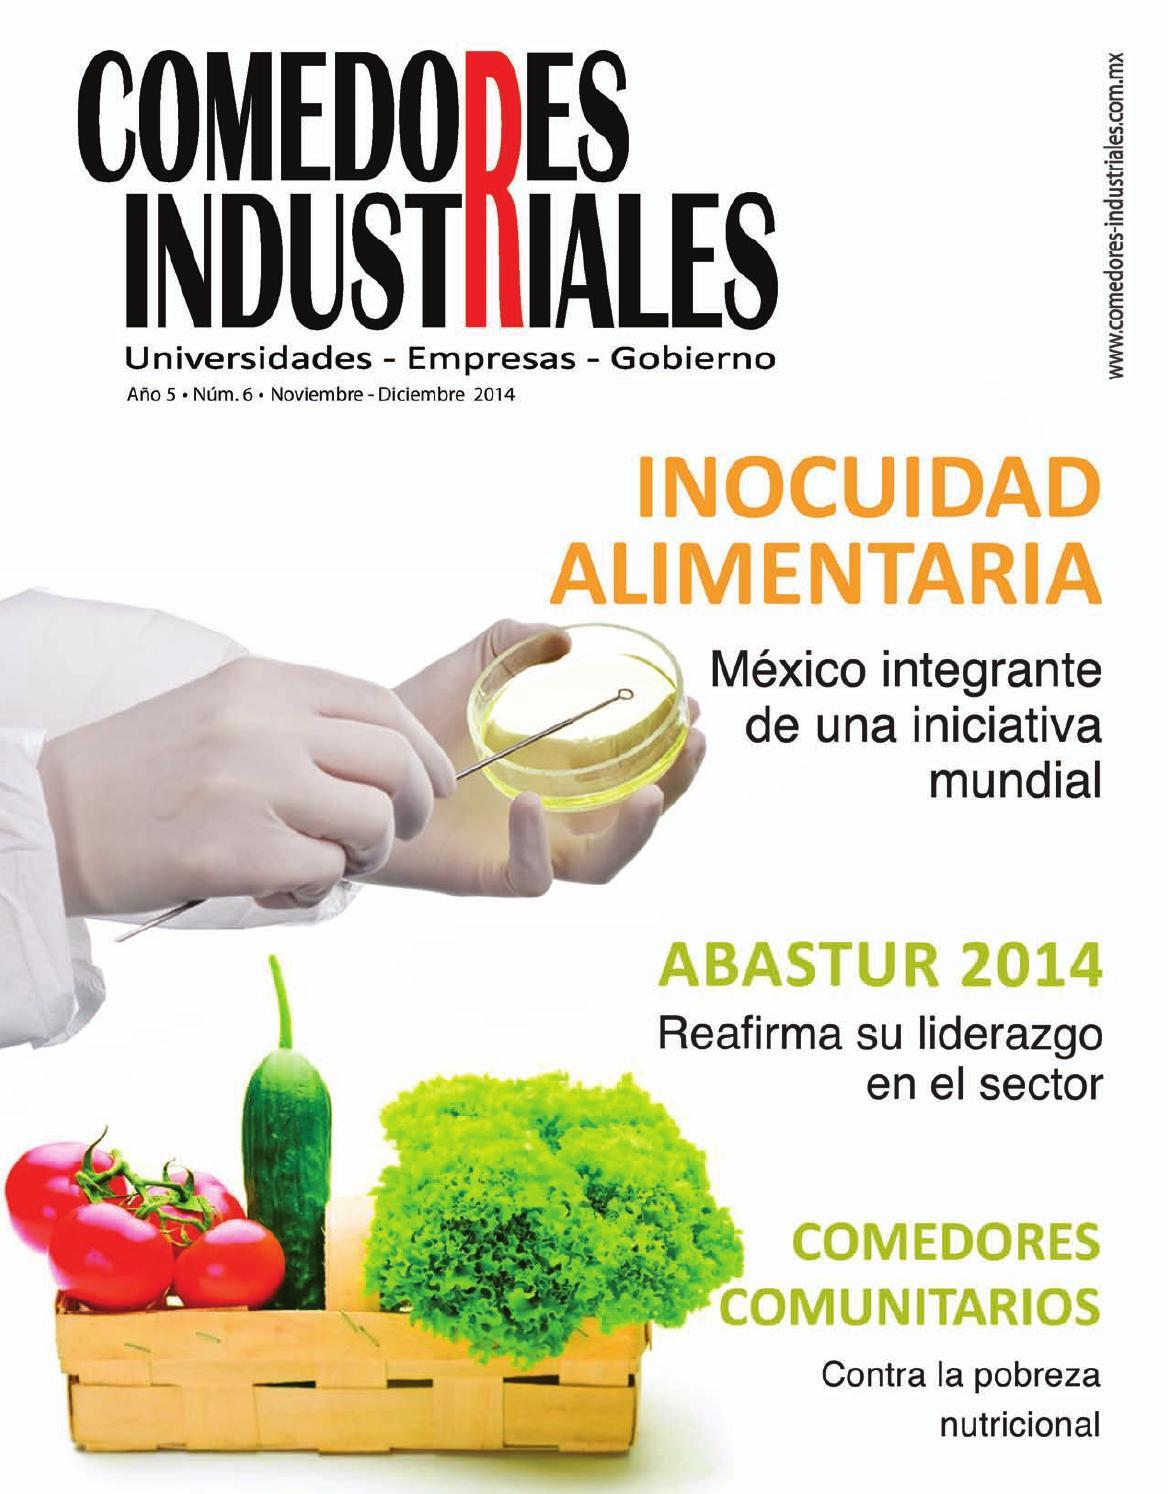 Comedores industriales noviembre diciembre 2014 by for Compra de comedores nuevos